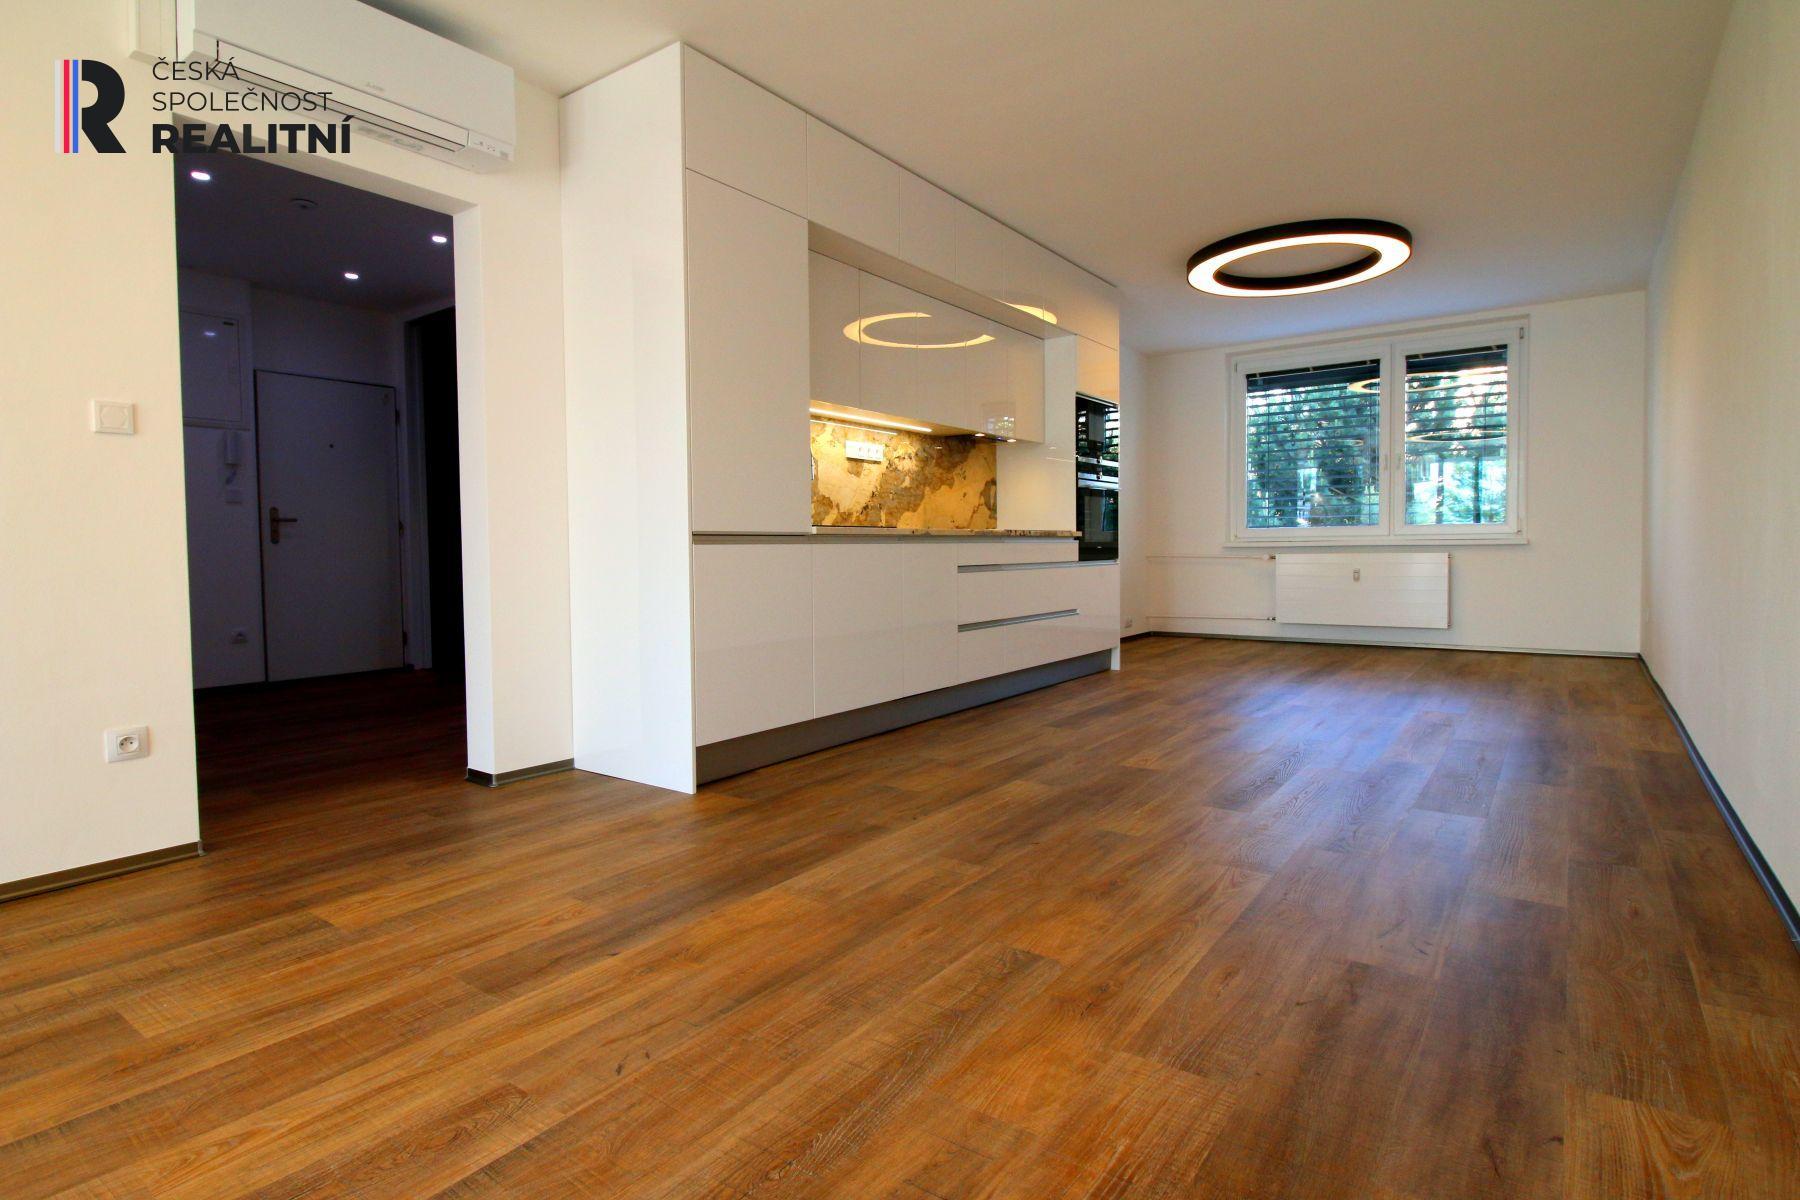 Pronájem bytu 2+kk s balkonem, 78 m2, Fleischnerova, Brno Bystrc